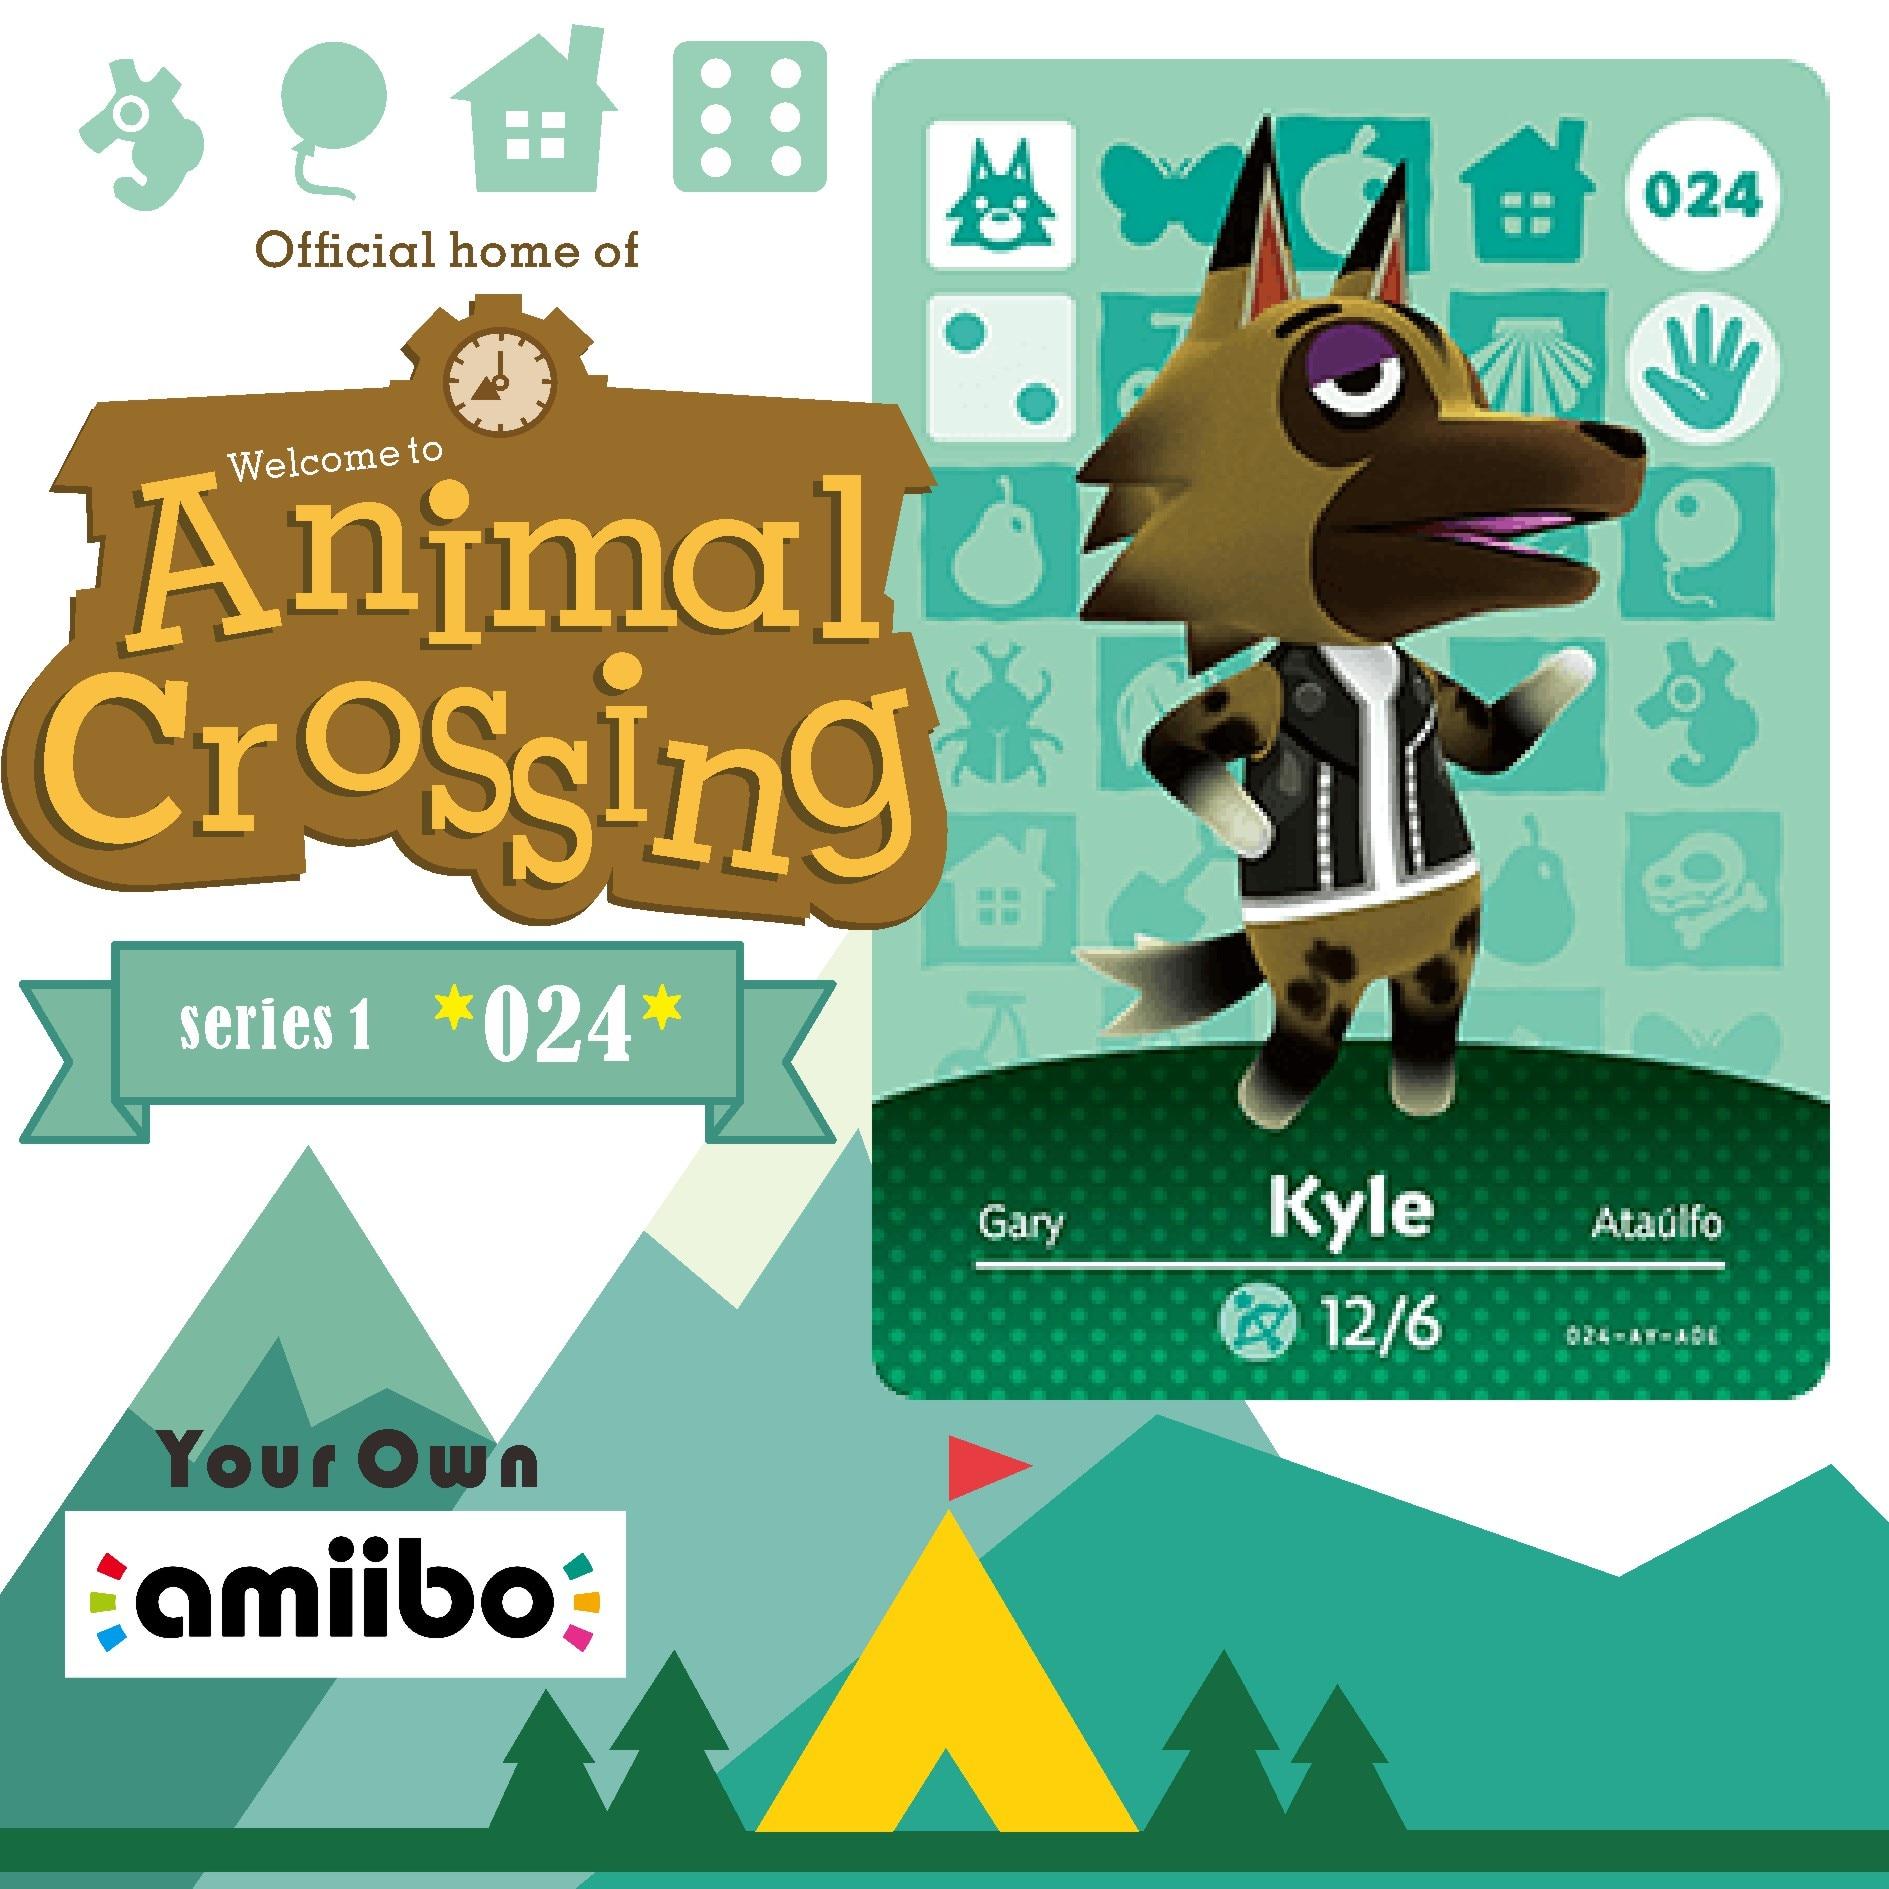 024 Kyle Welcome Amiibo Kyle  Cross Game Card Animal Crossing Card Amiibo Card Kyle 024 Work for Ns Games Amiibo 024 Kyle 1